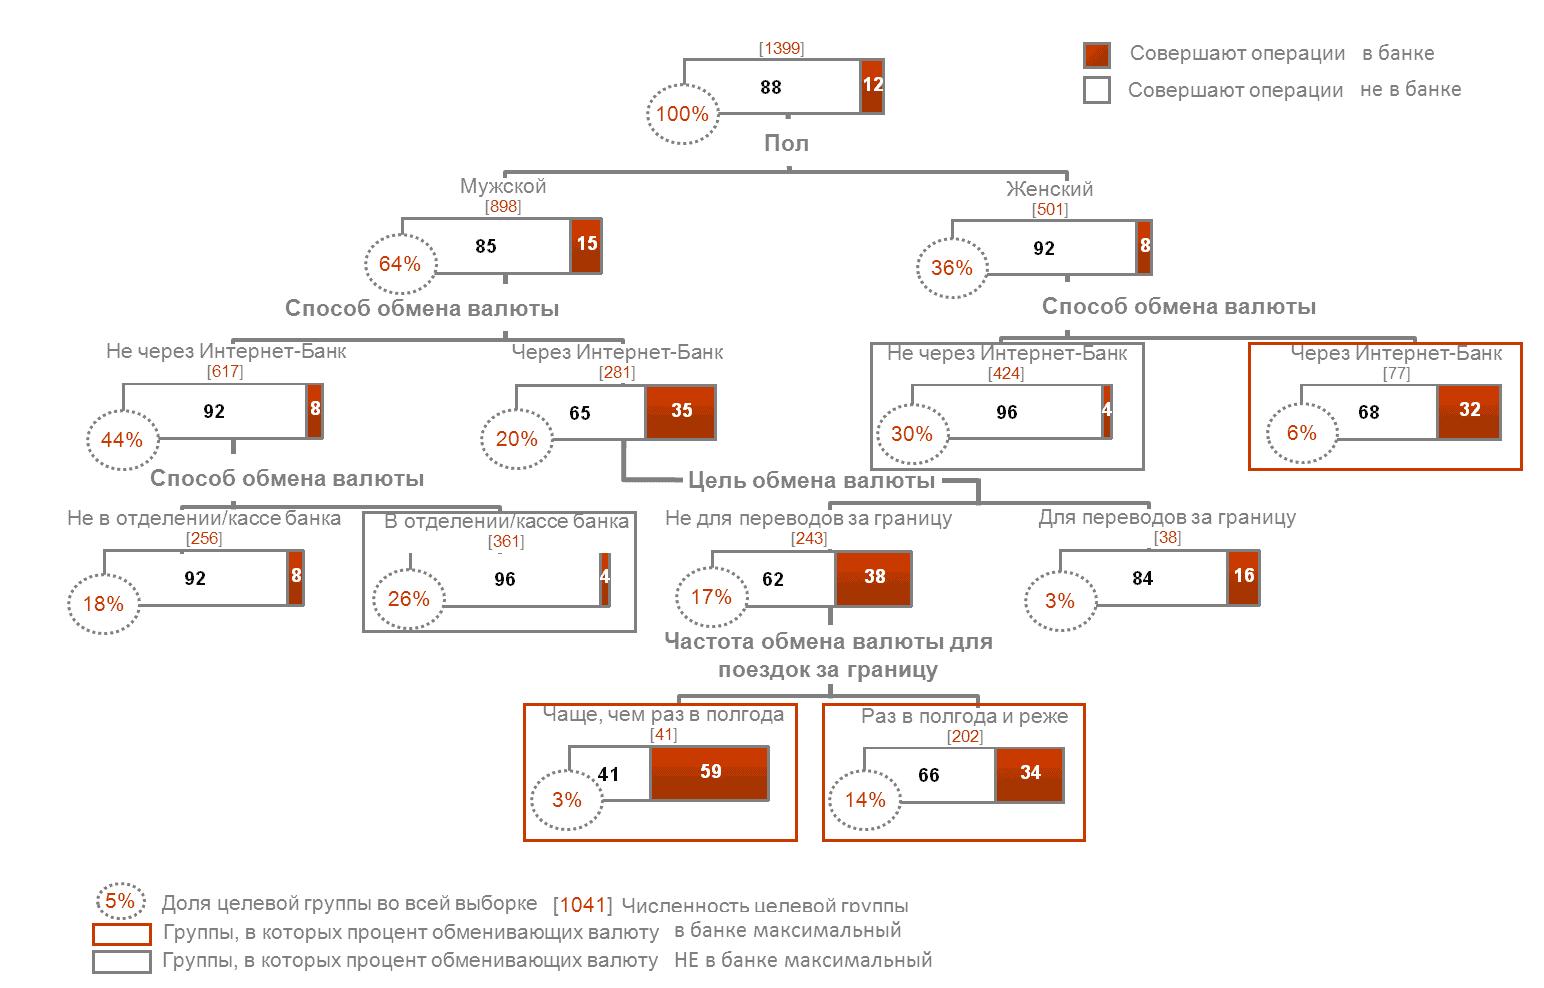 chaid example - Визуализация данных -начало